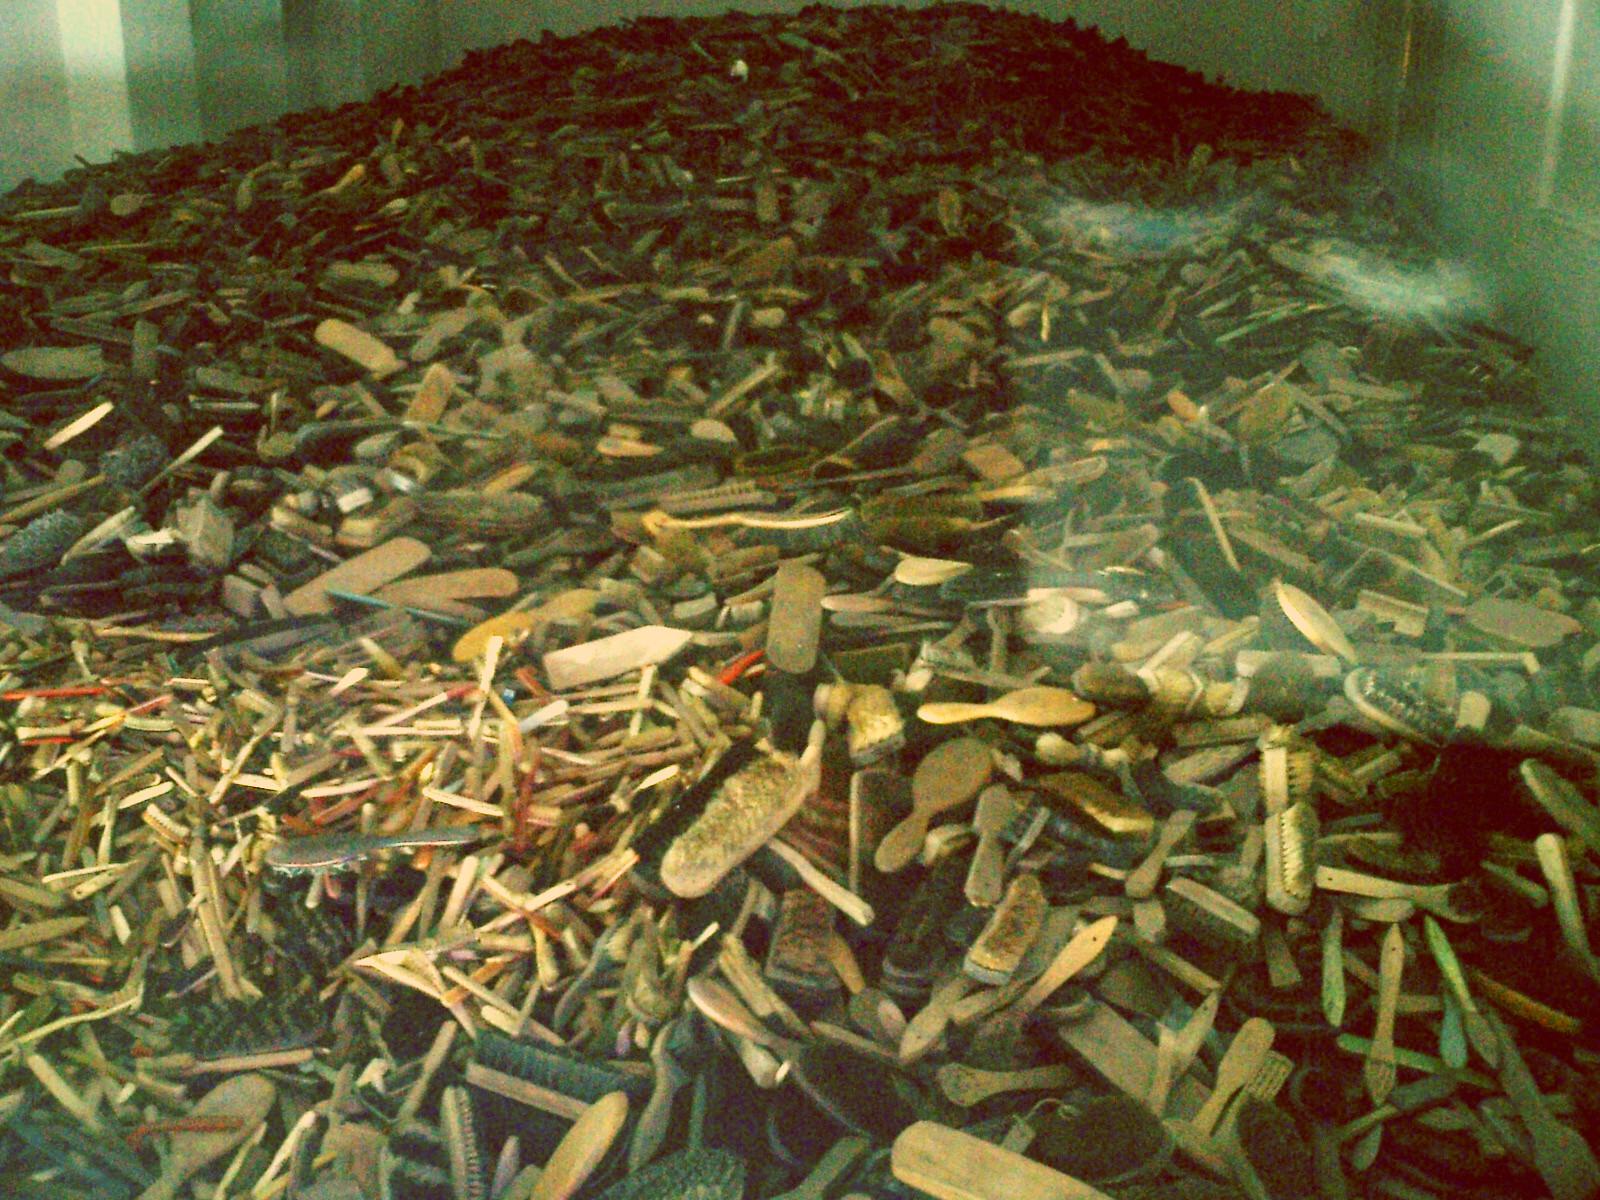 file:campo de concentracion auschwitz-polonia0054 - wikimedia